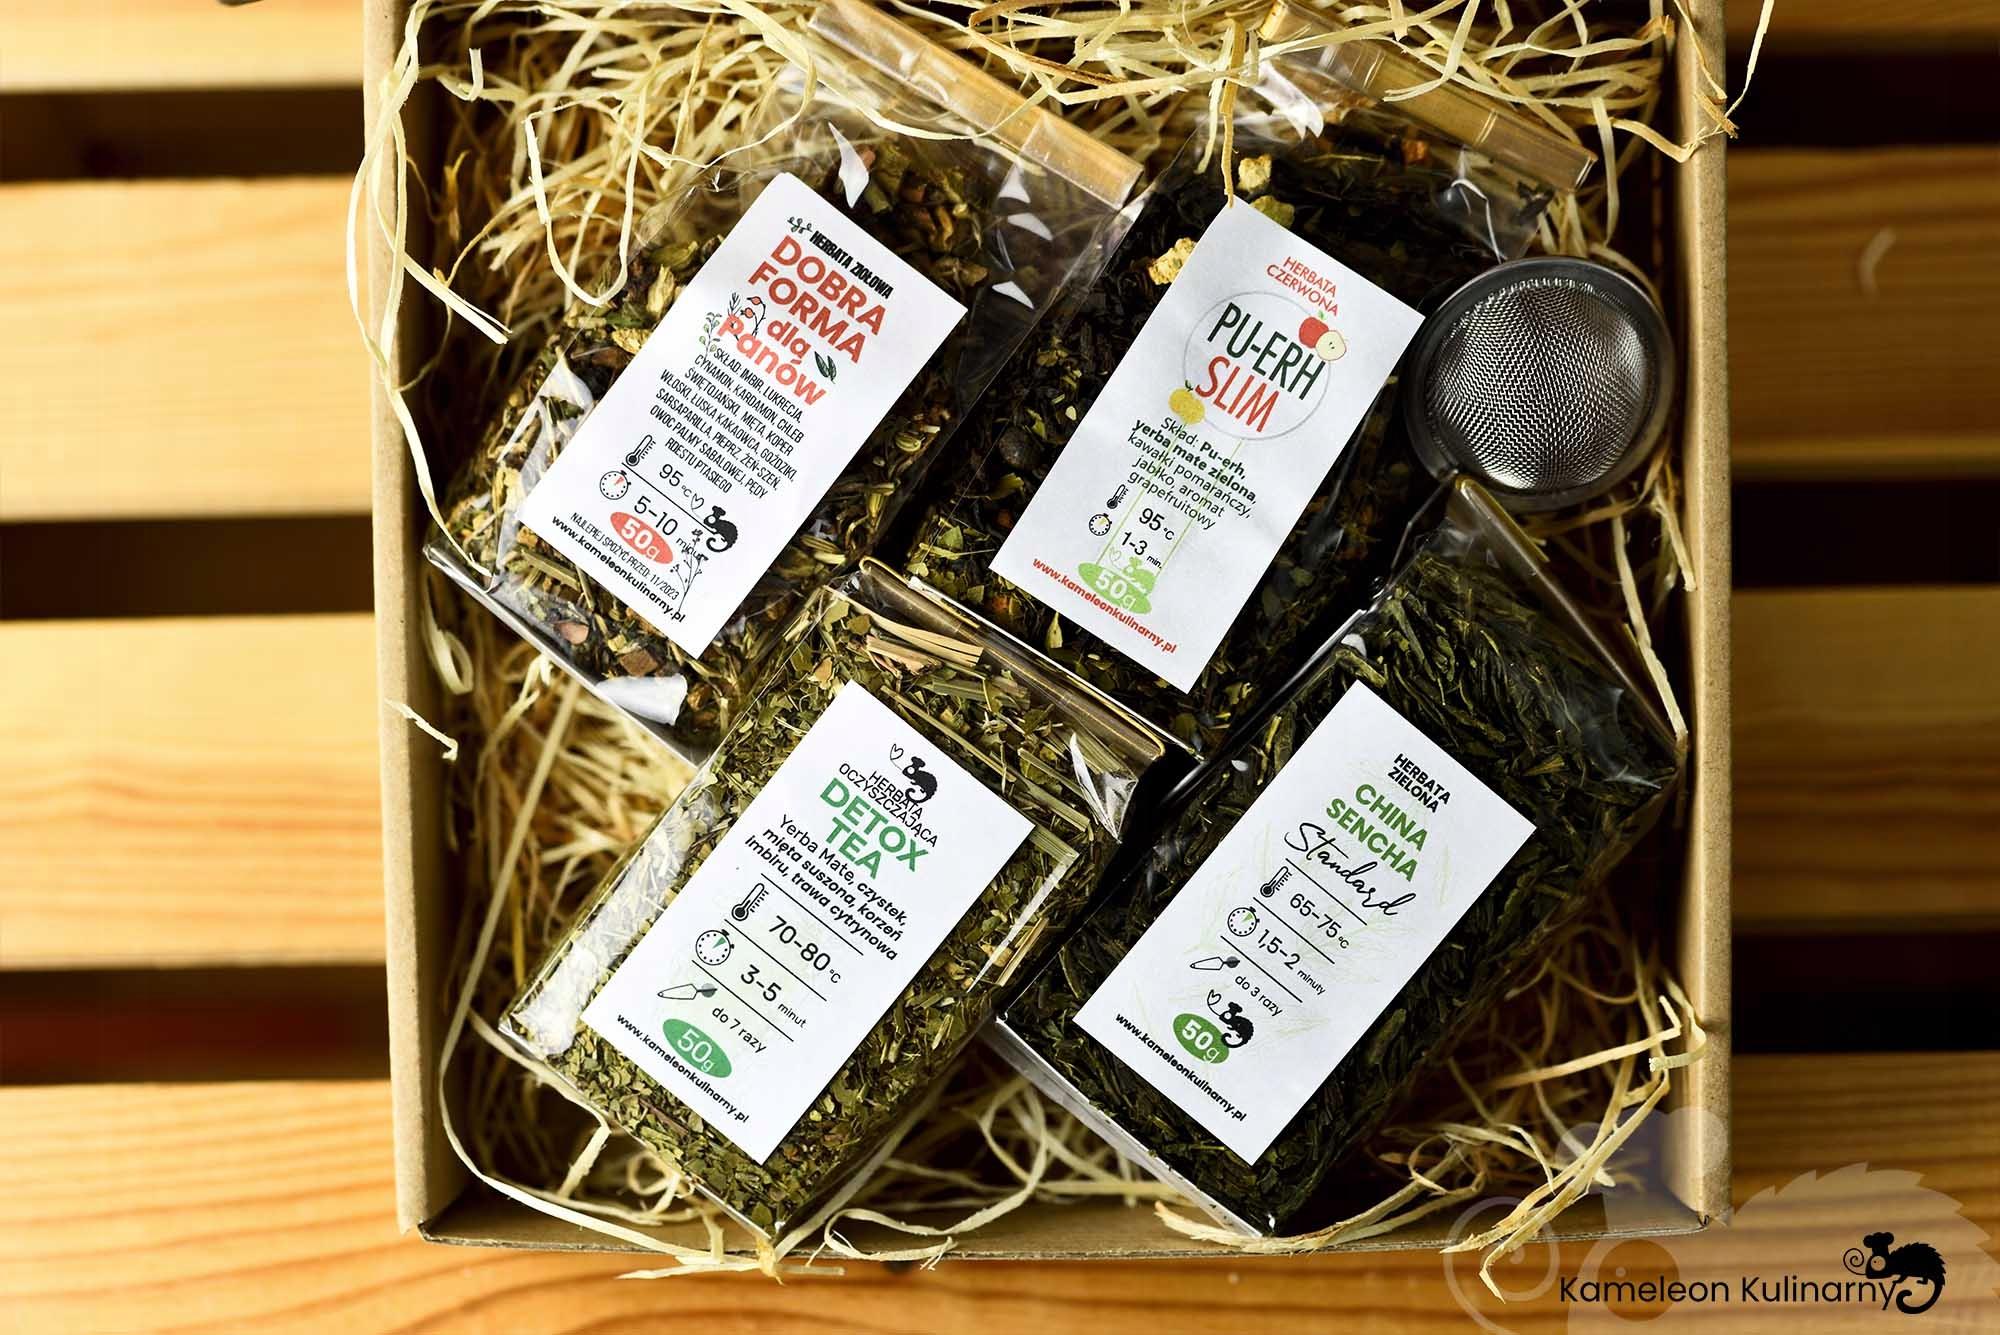 ZESTAW PREZENTOWY na prezent 4 herbaty i zaparzacz Nazwa handlowa ZESTAW 4 herbaty i zaparzacz - KAMELEON KULINARNY